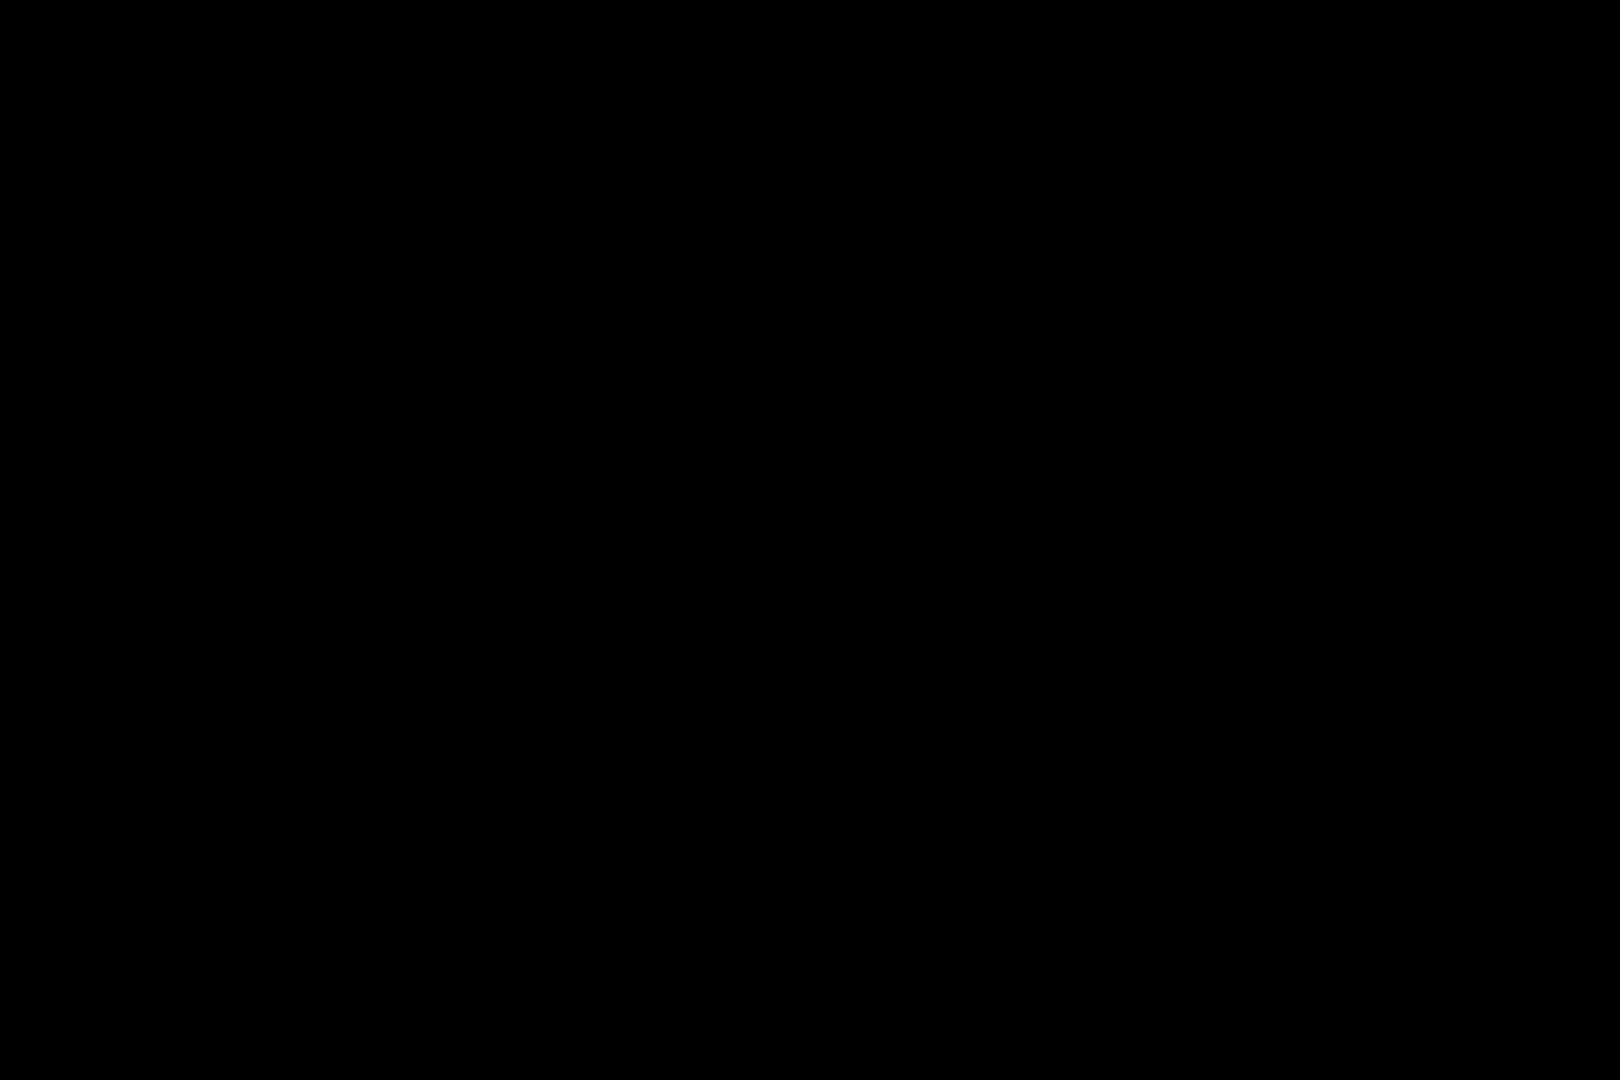 三ツ星シリーズ 魅惑のMemorial Night!! vol.04 フェラ ゲイ素人エロ画像 87枚 4